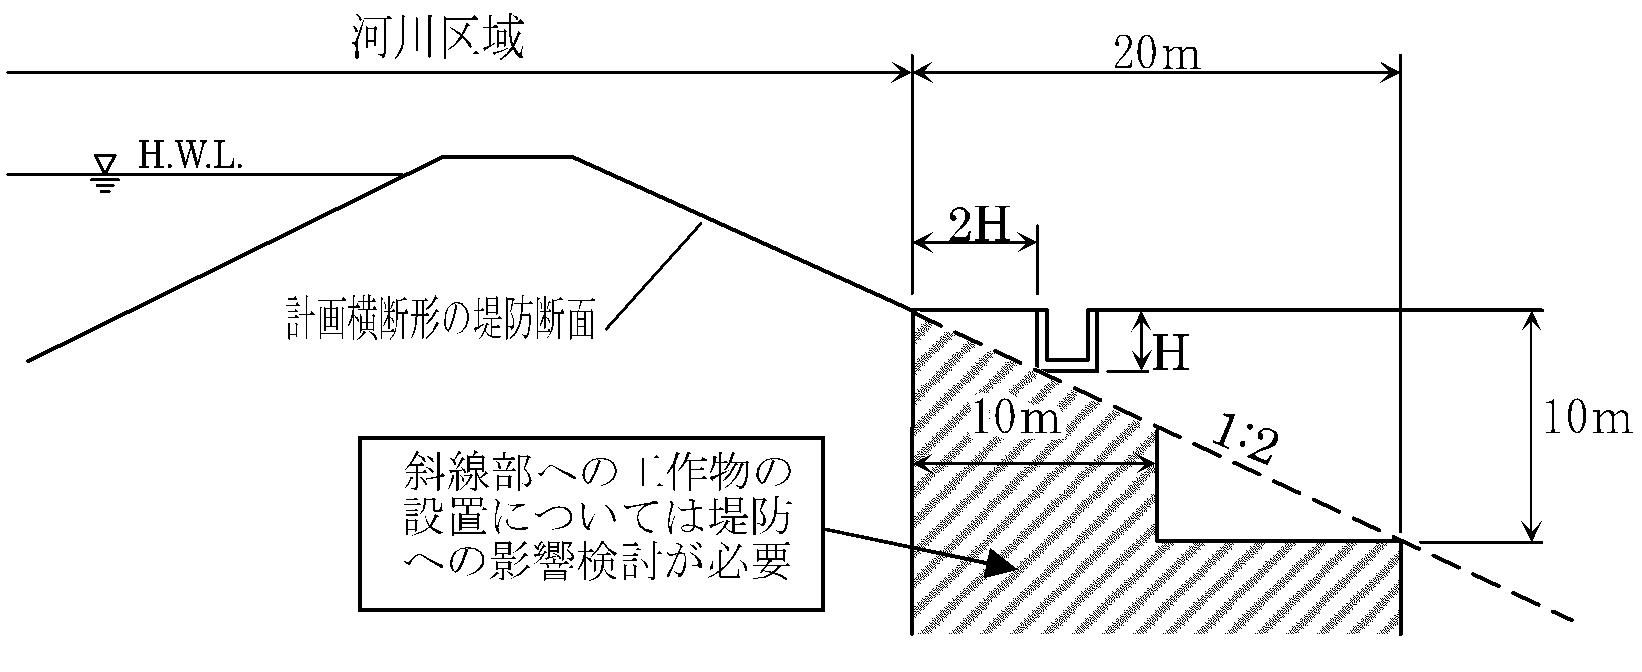 島根県:河川の許可・申請につい...